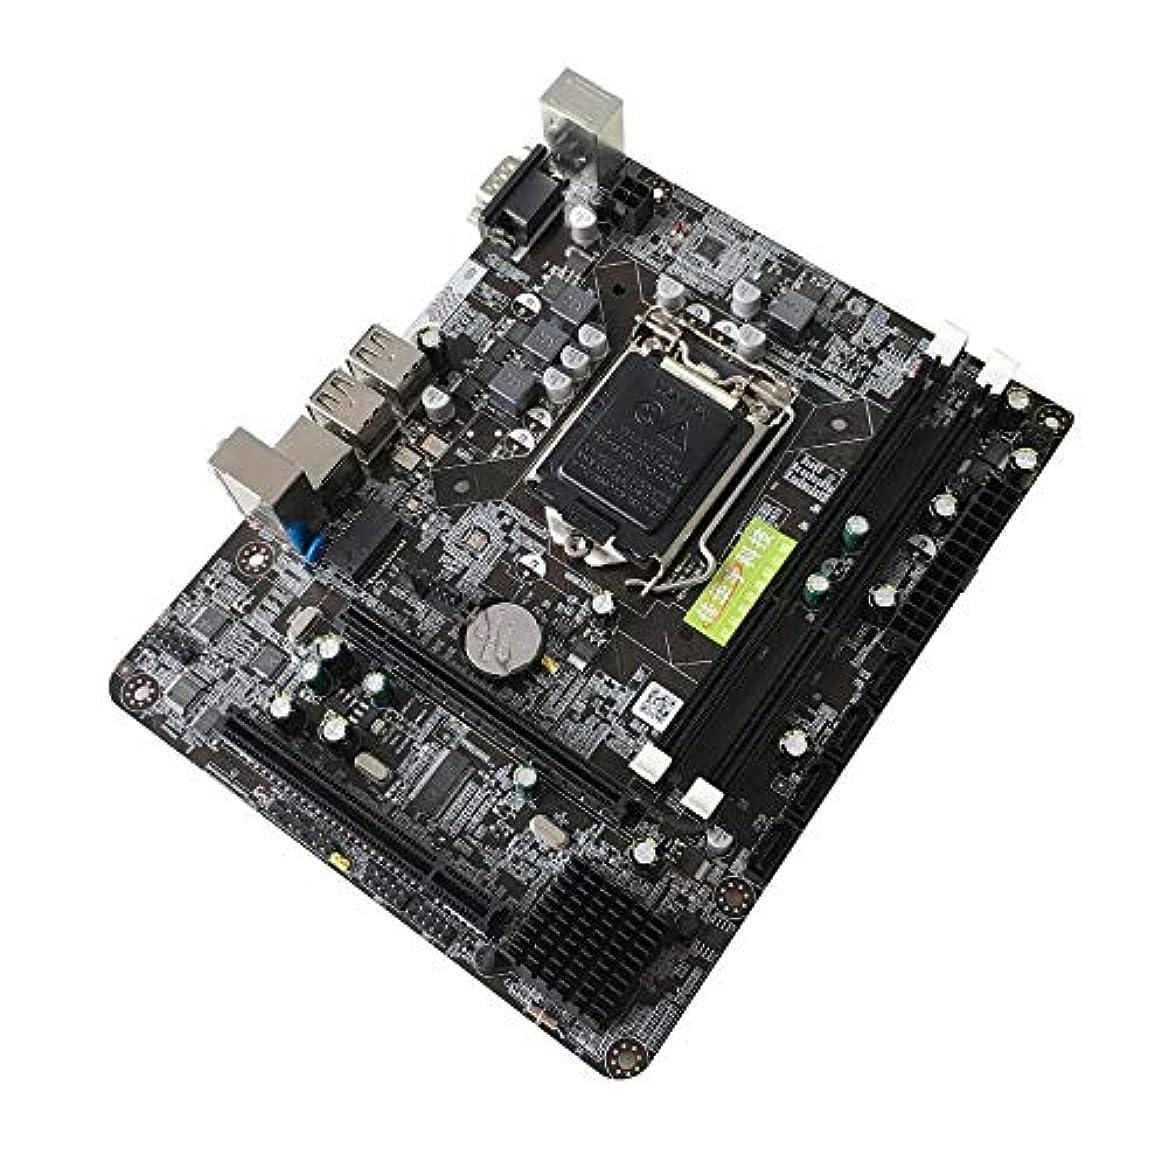 傷つける連隊鎮痛剤Libertroy 6チャンネルメインボードP55-A-1156マザーボード高性能デスクトップコンピュータメインボードCPUインターフェースLGA 1156